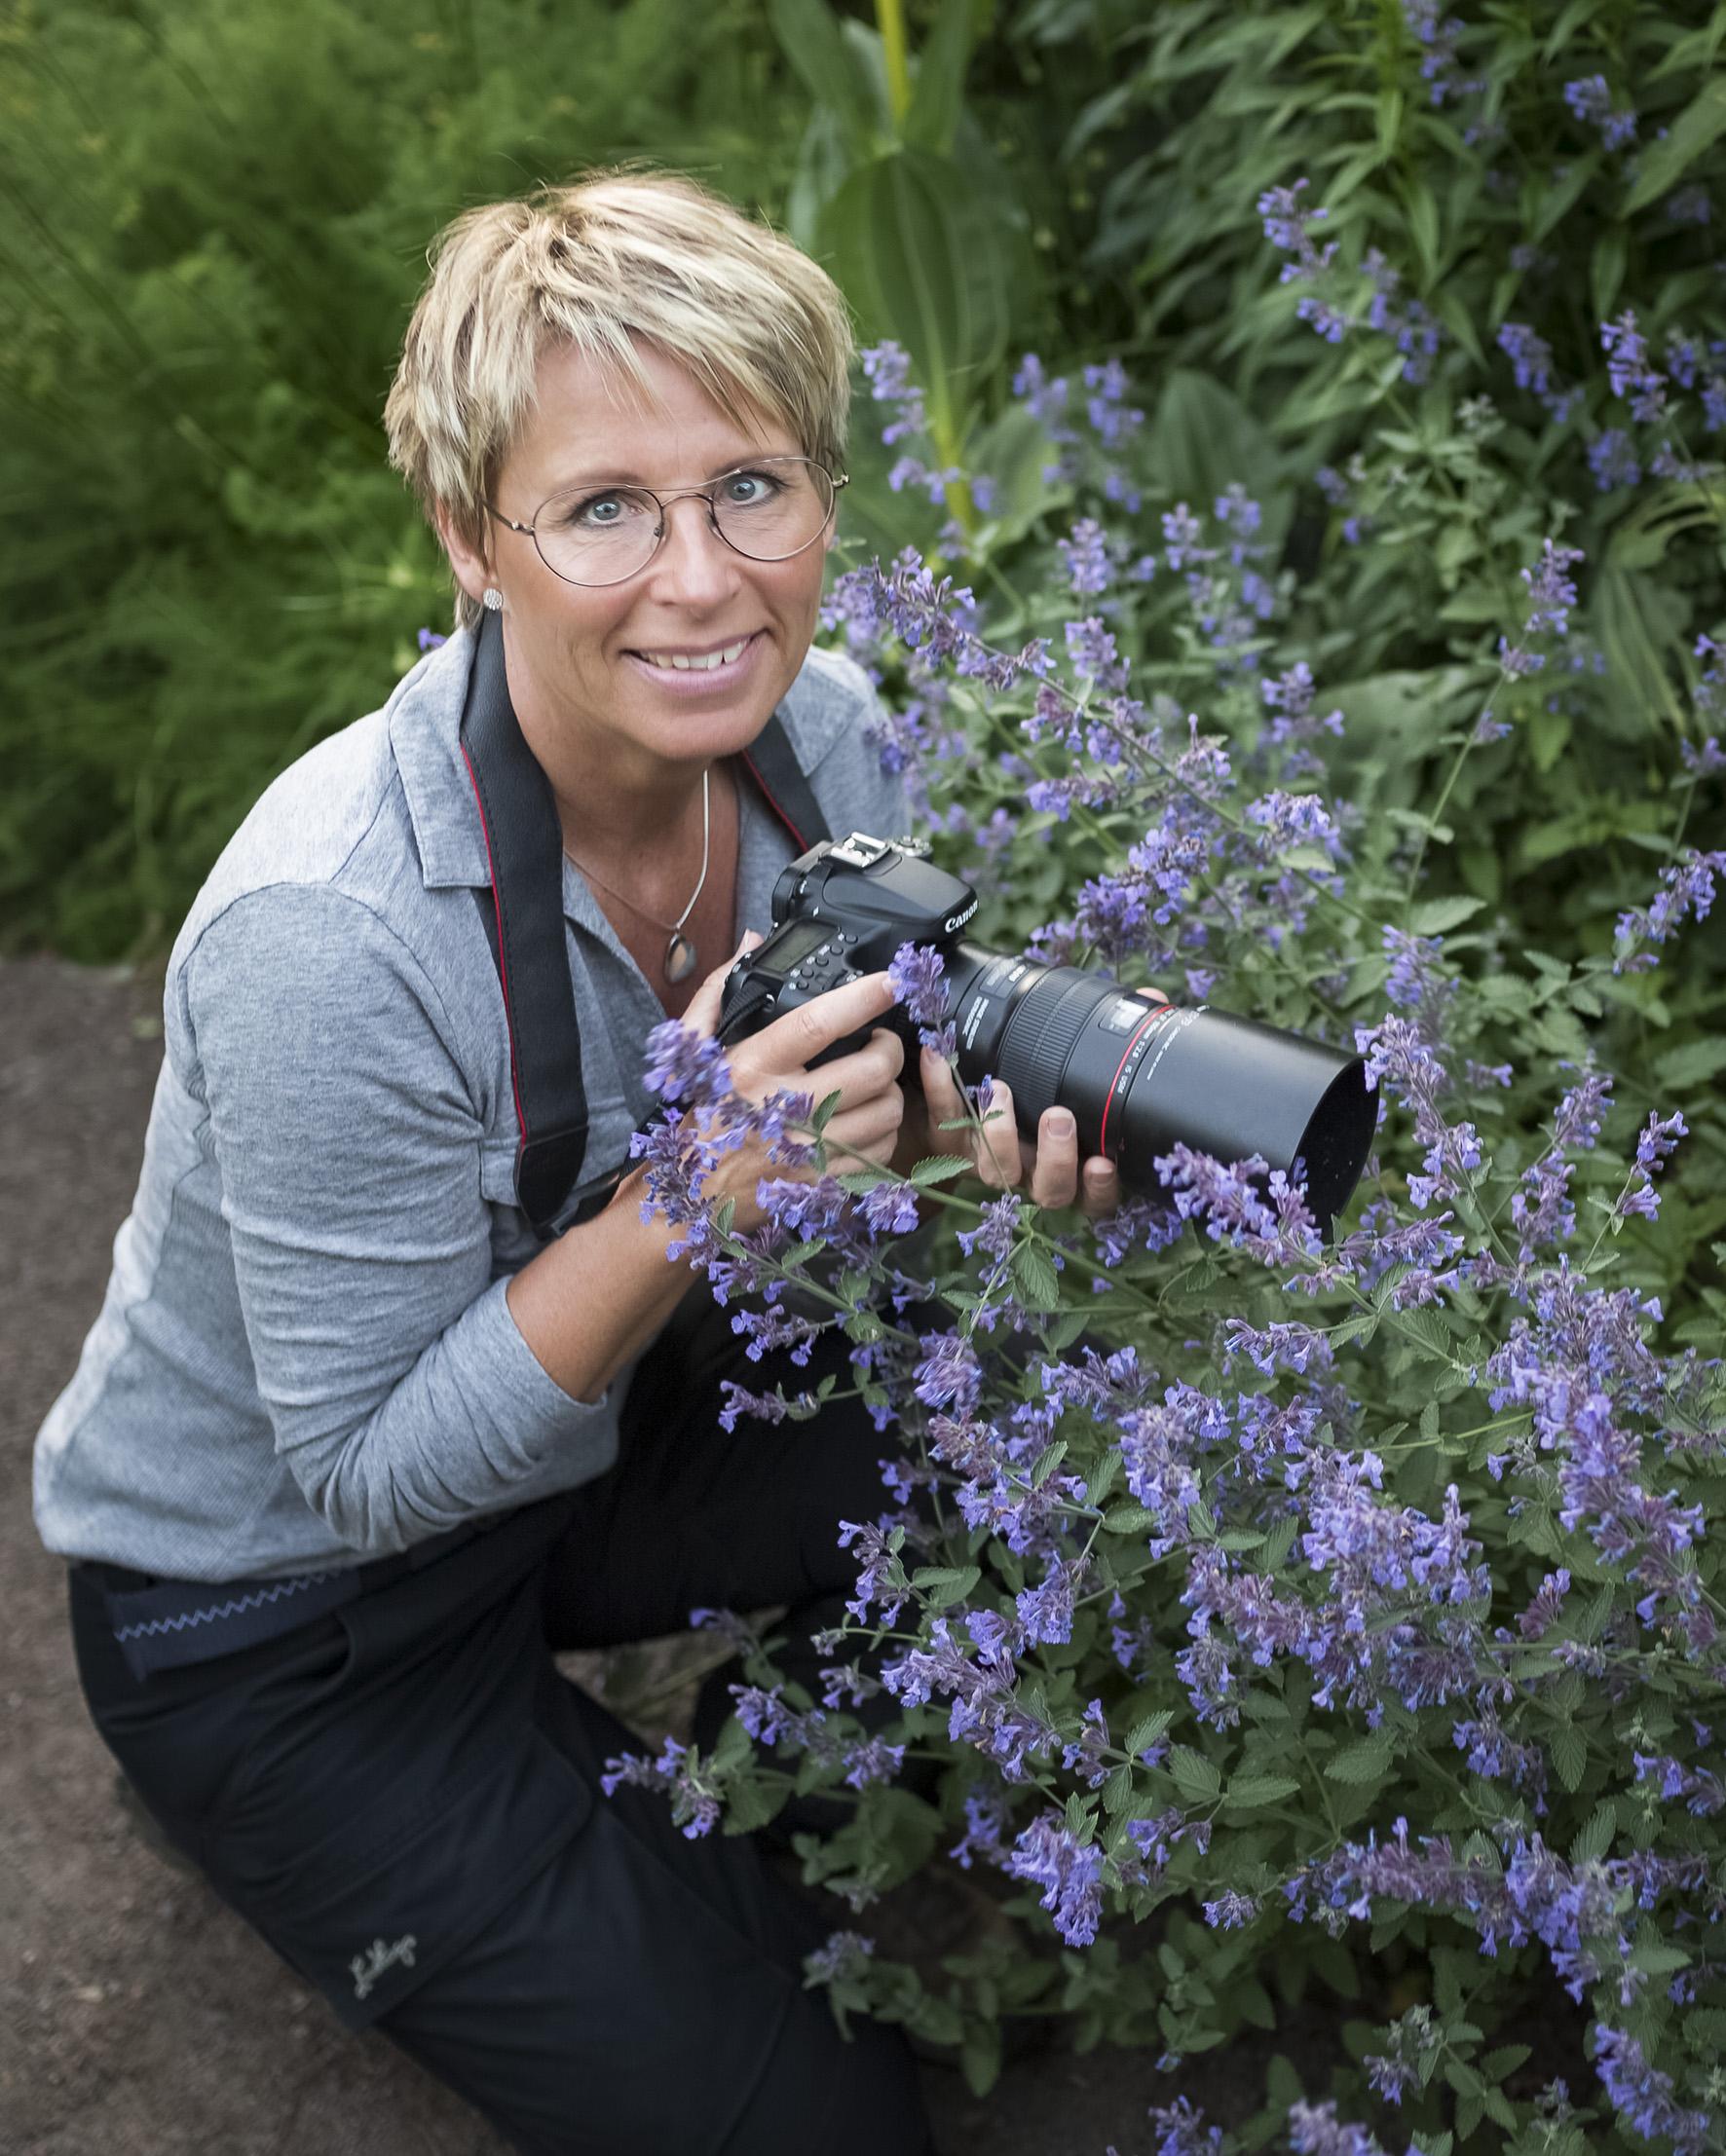 Mikaela Friberg